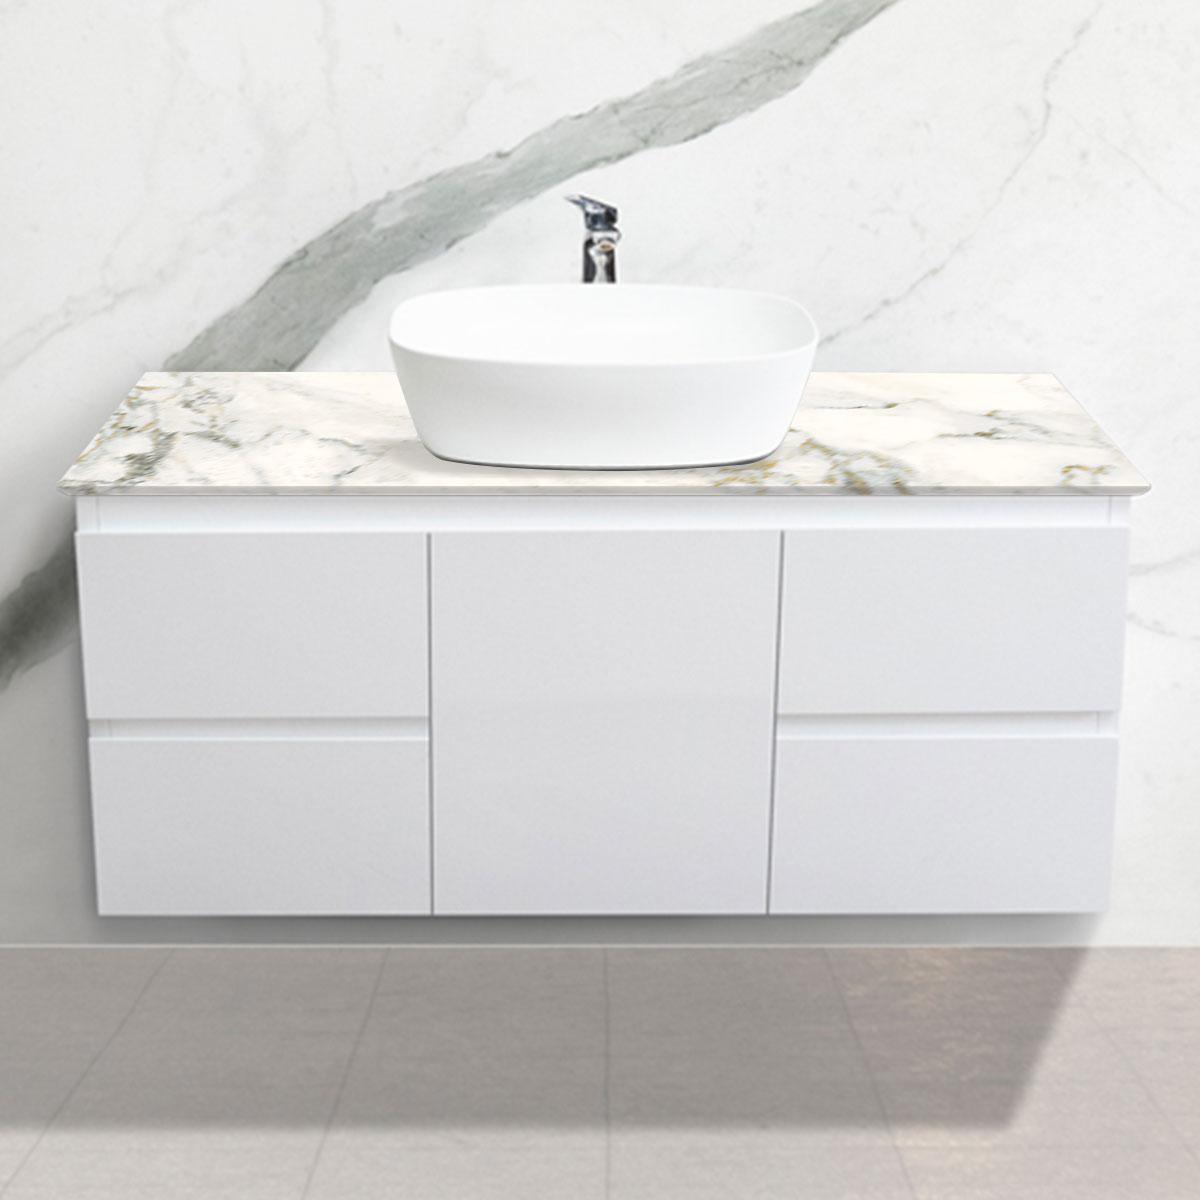 Cabinet - Vanity- 1 Door + 4 Drawers - Ballet - Stone3 Brisbane